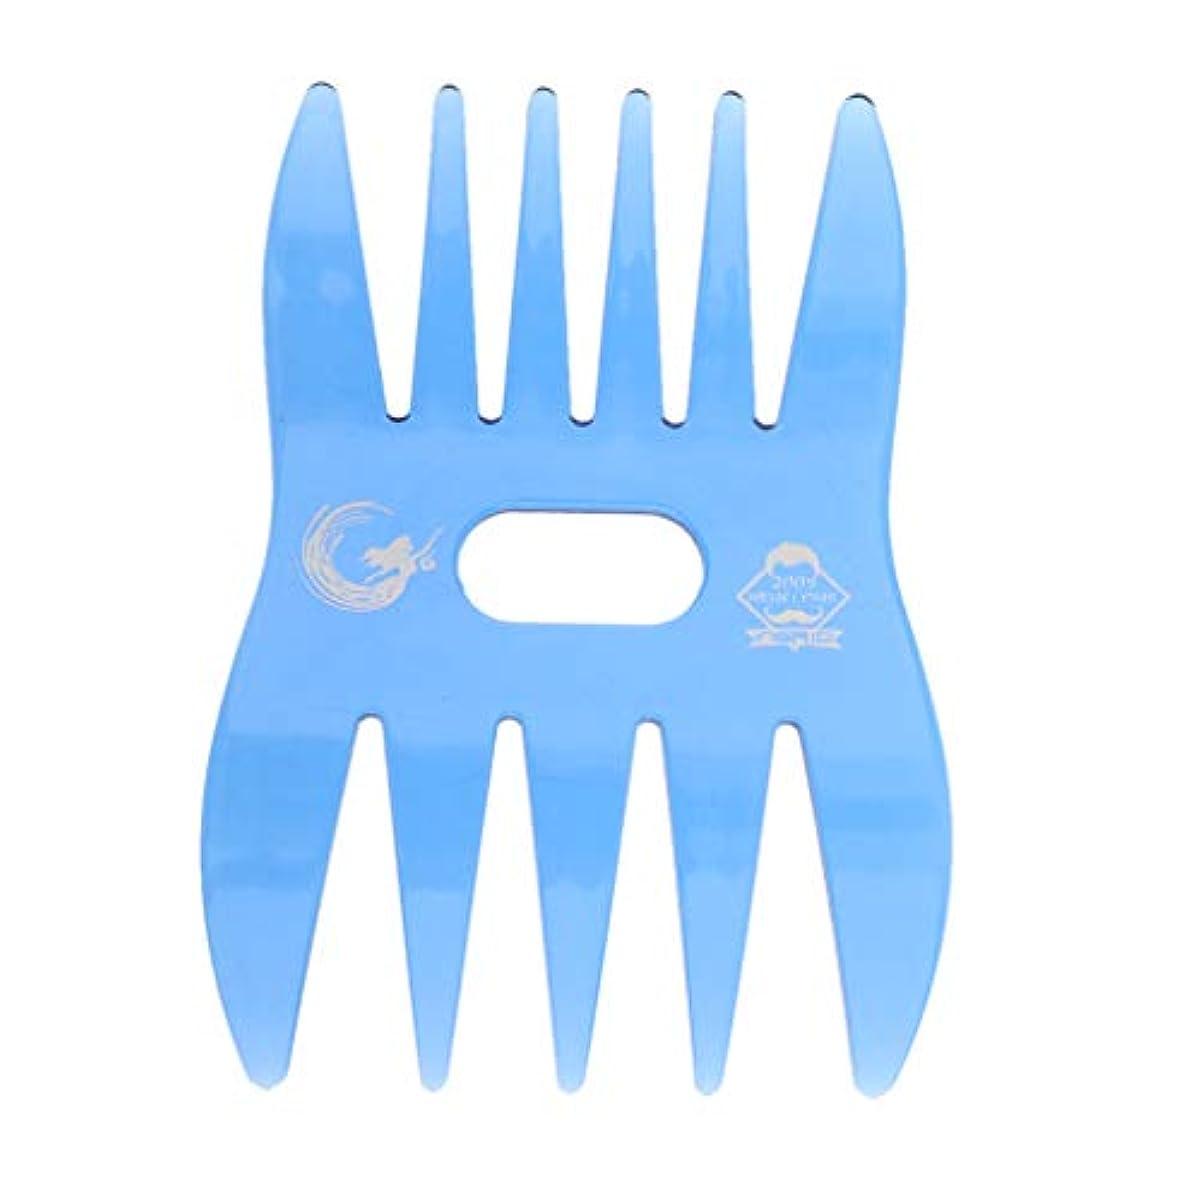 ガイドライン個性マウスヘアコーム ヘアブラシ デュアルサイド ワイド 細かい歯 プロ ヘアスタイリスト 櫛 4色選べ - 青